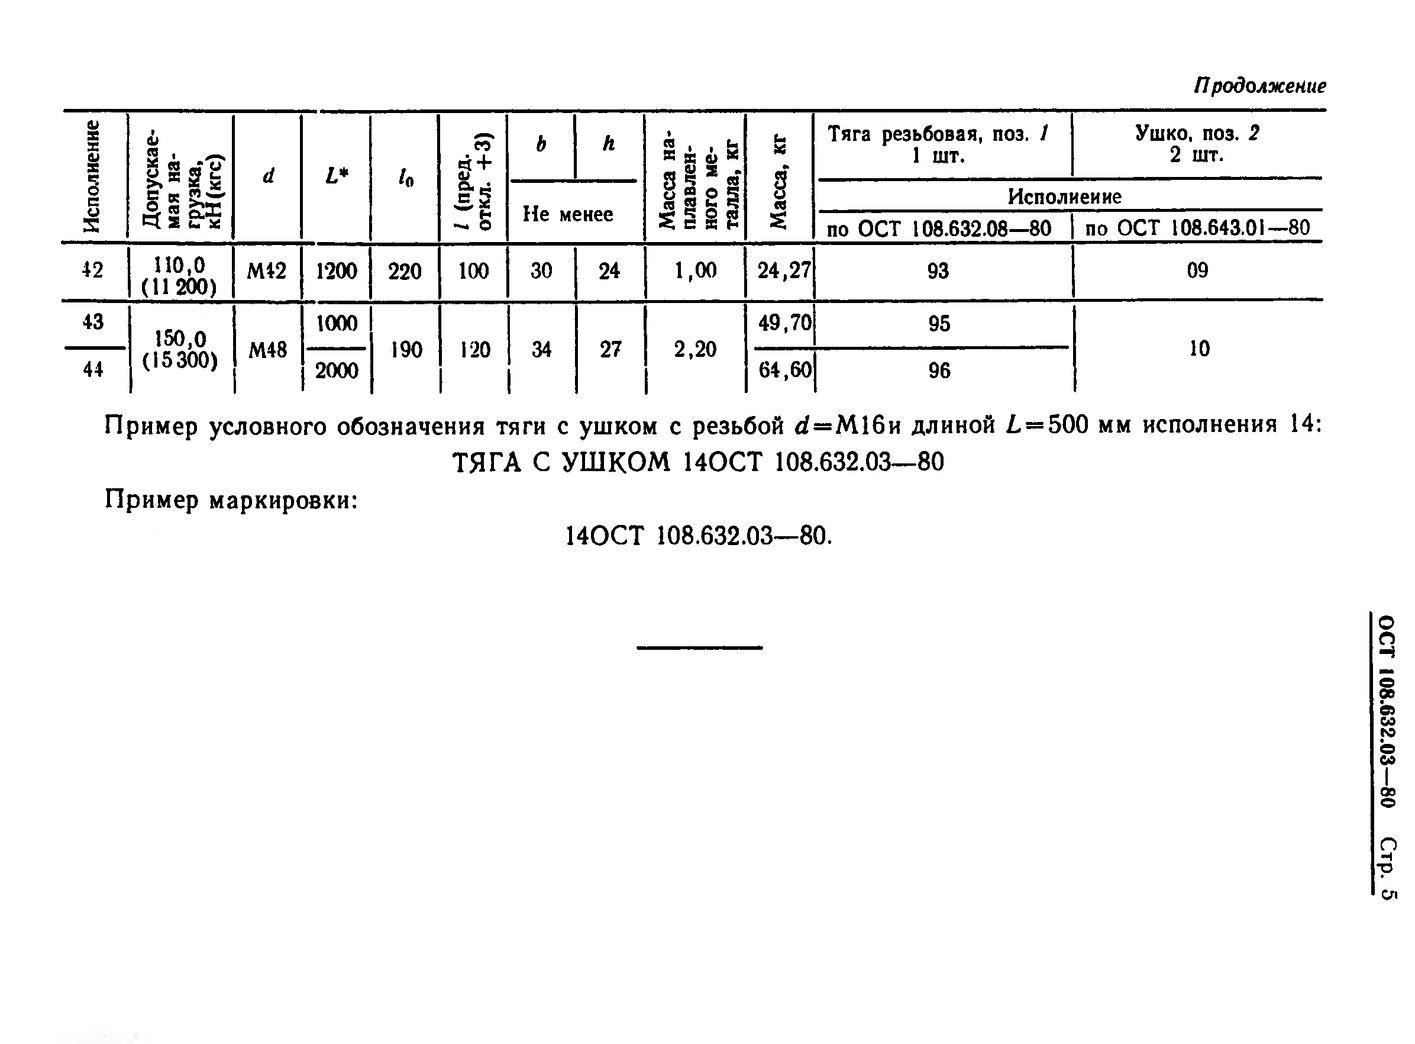 Тяги резьбовые с ушком ОСТ 108.632.03-80 стр.5